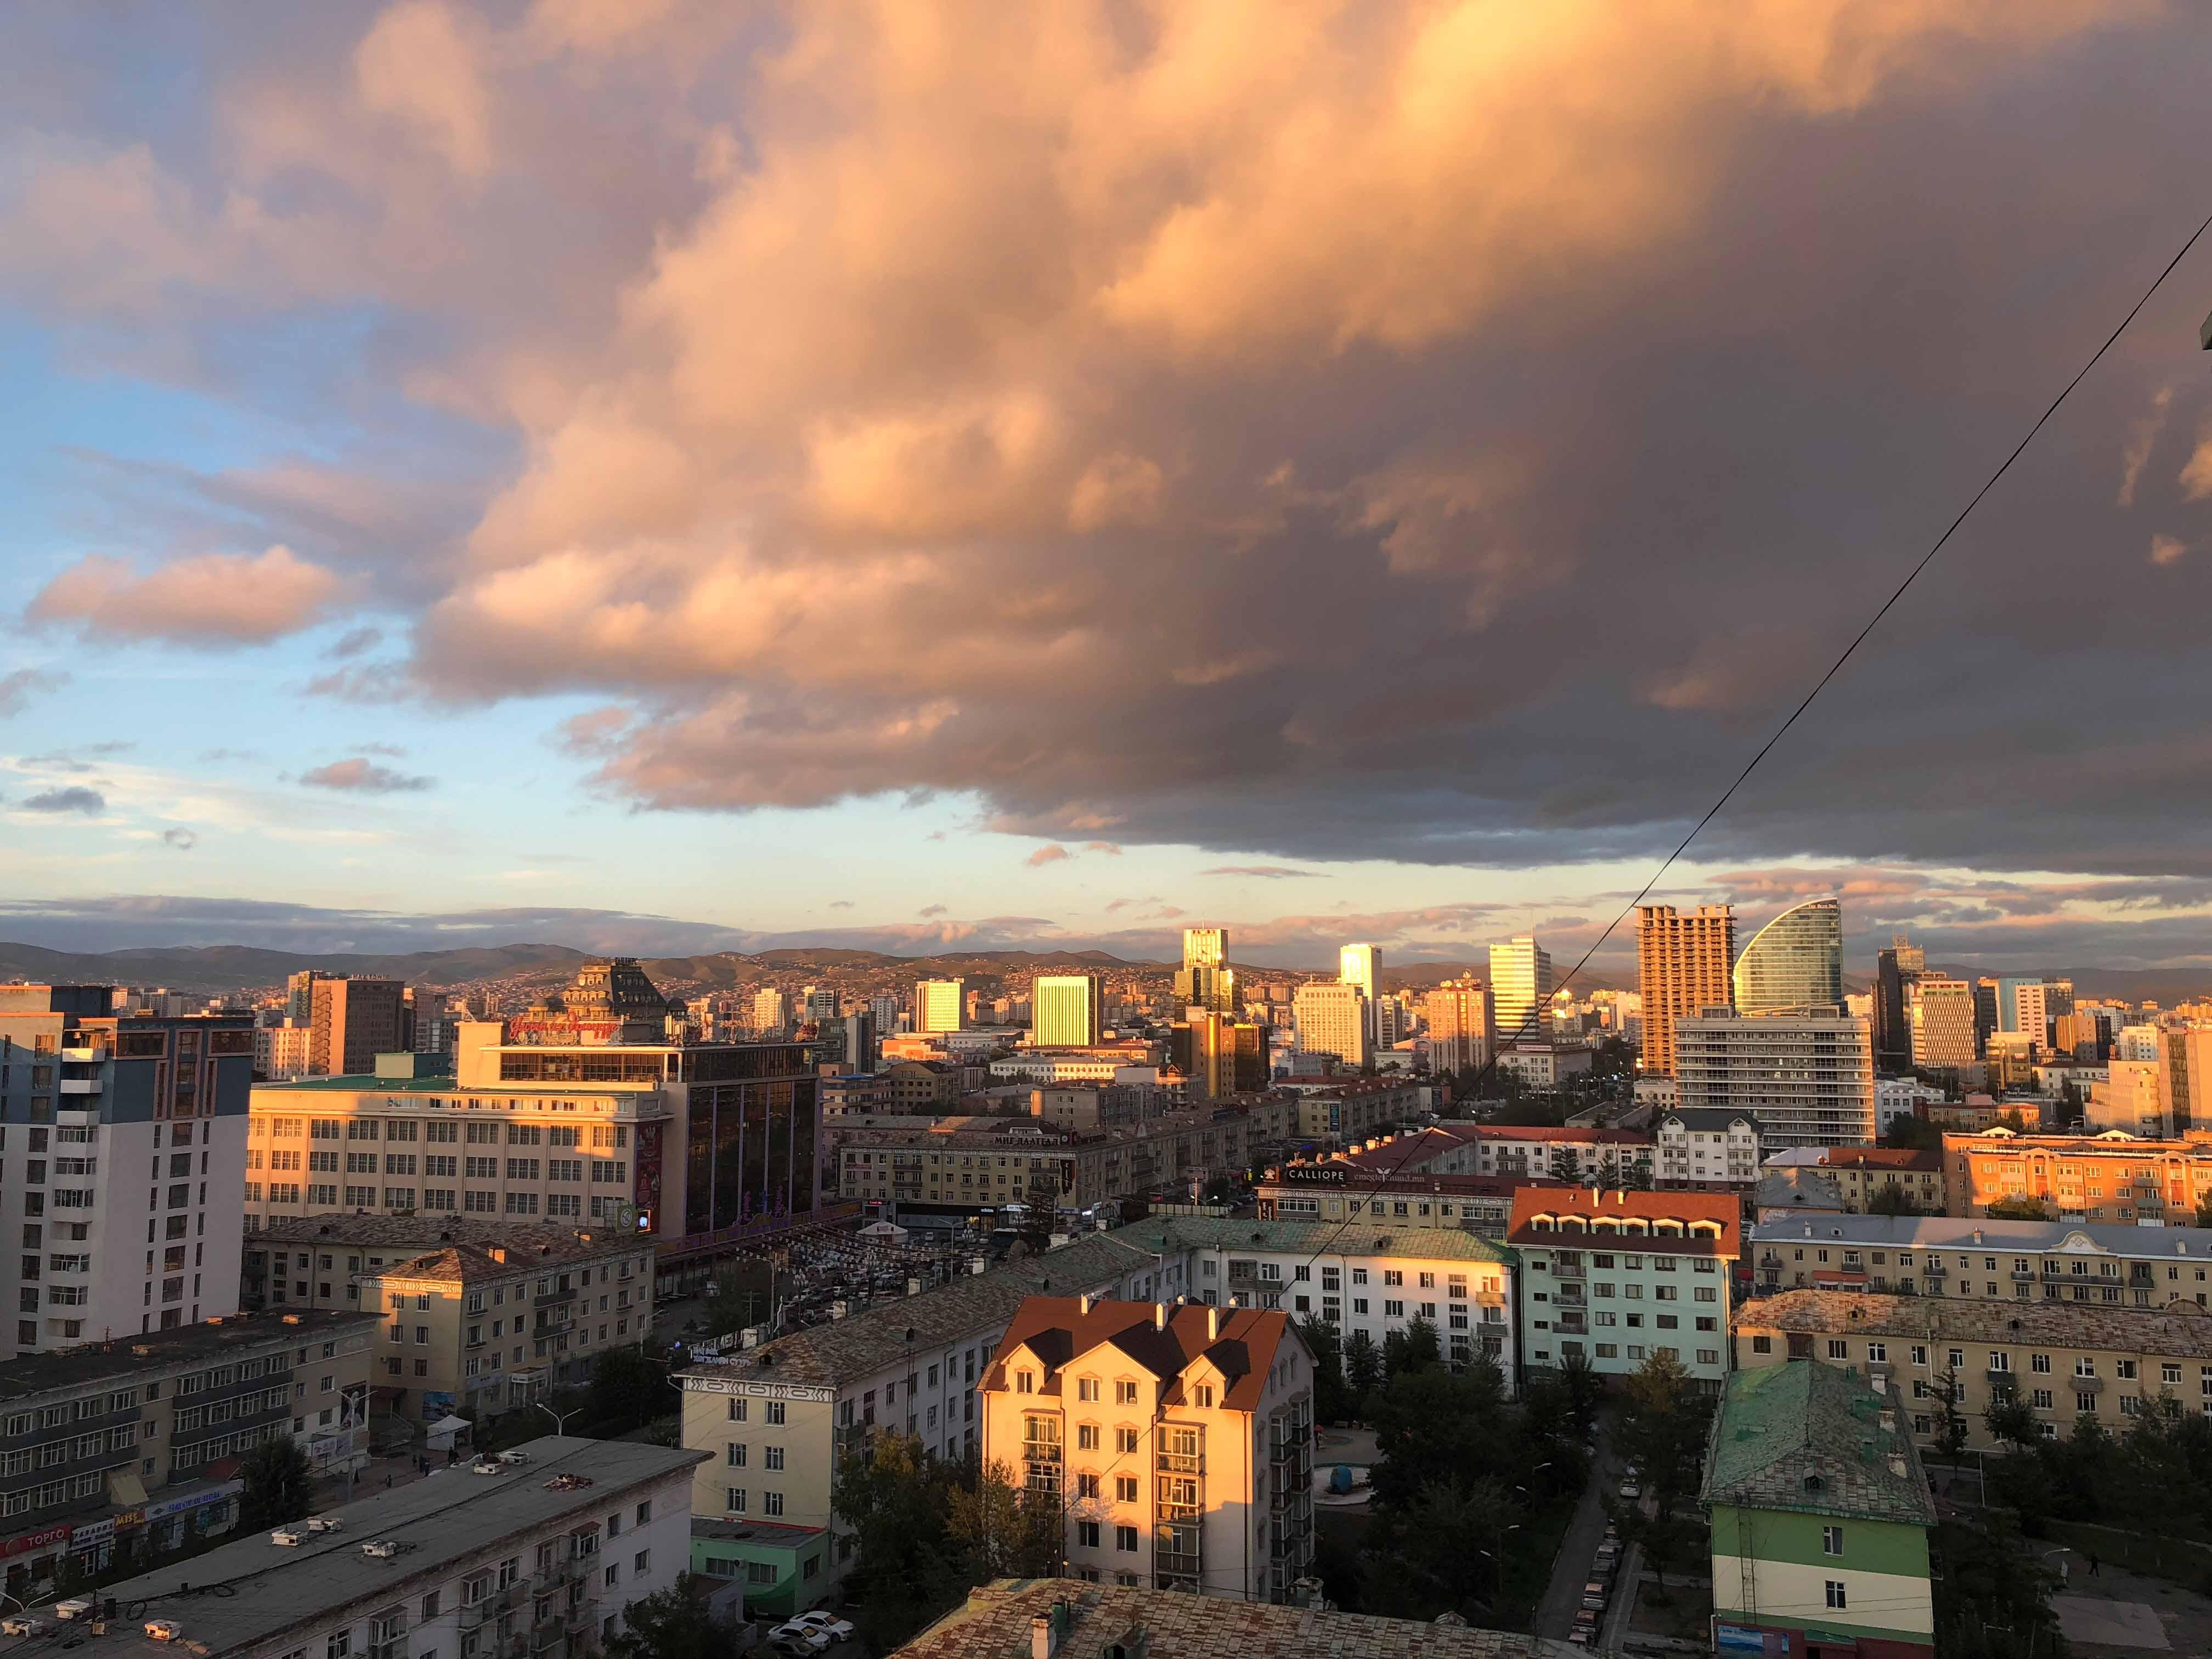 Back in Ulaanbaatar